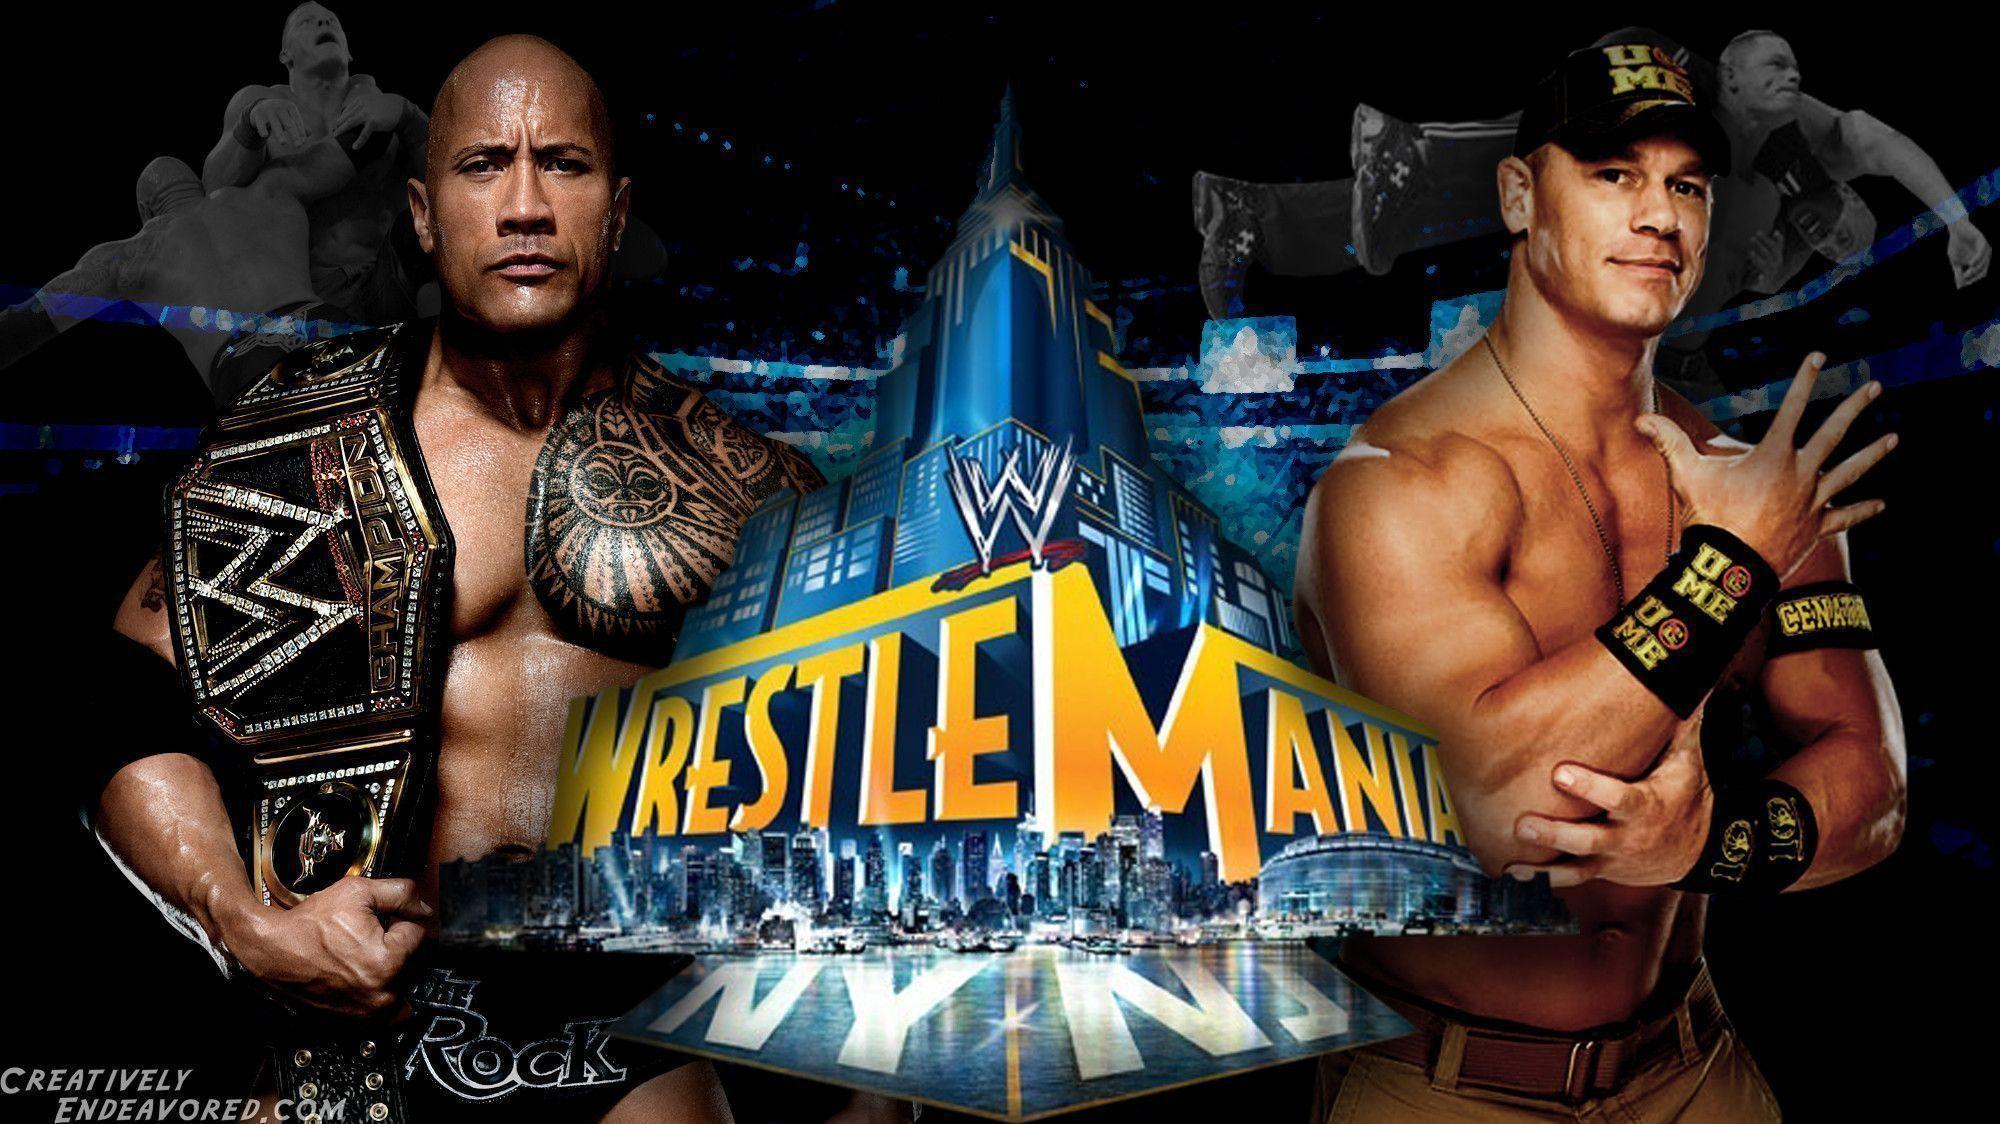 WrestleMania Wallpaper Wednesday: The Rock vs John Cena for the .